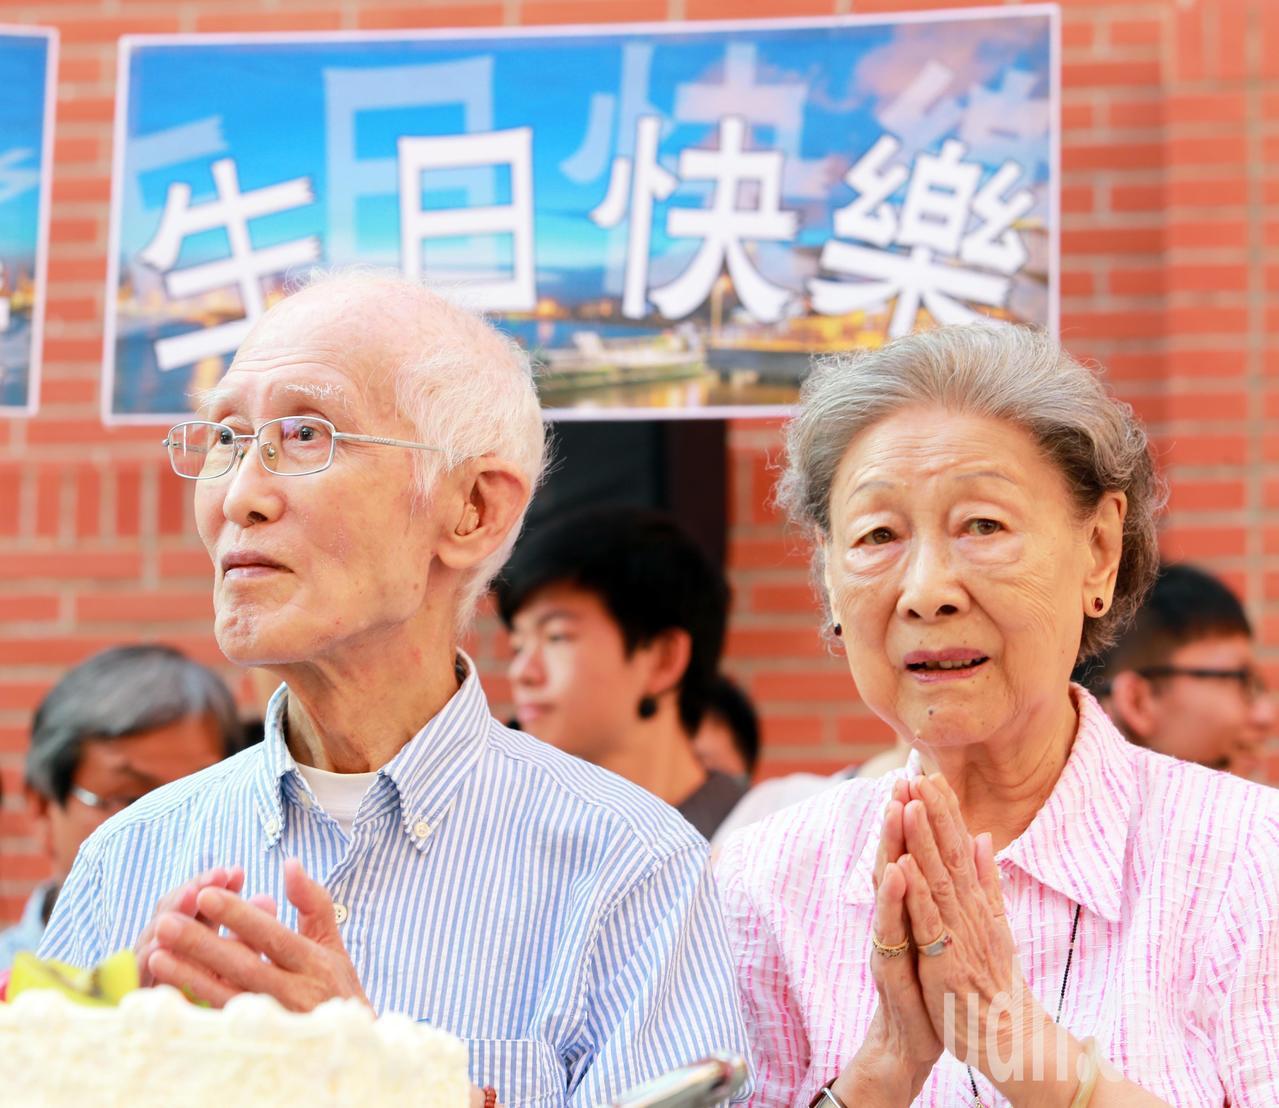 詩人余光中(左)與妻子范我存(右)走過六十一年漫漫婚姻路。記者劉學聖/攝影